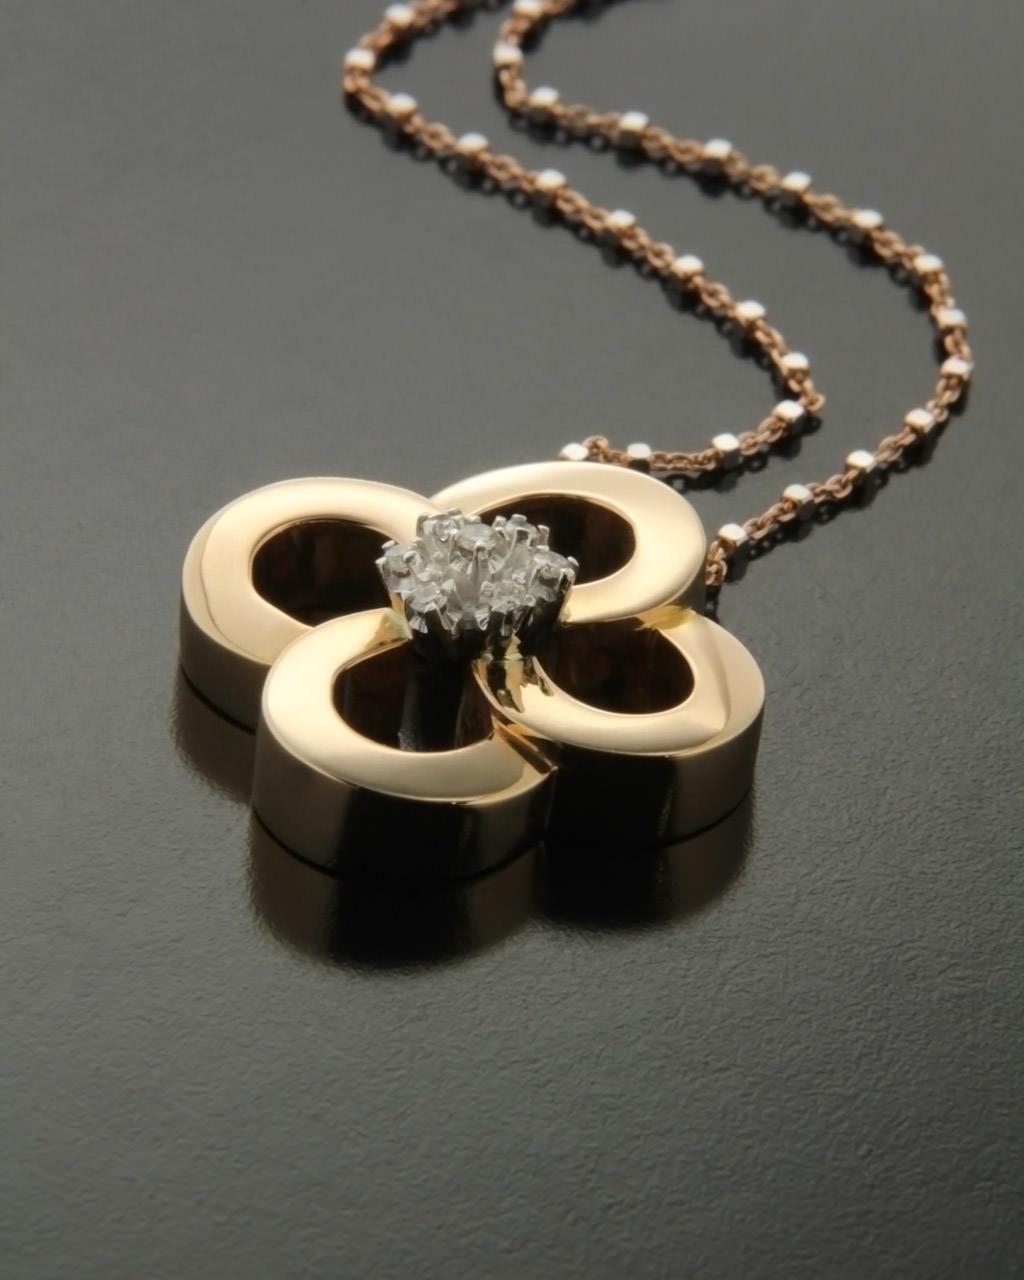 Σταυρός ροζ χρυσός και λευκόχρυσος Κ18 με Διαμάντια